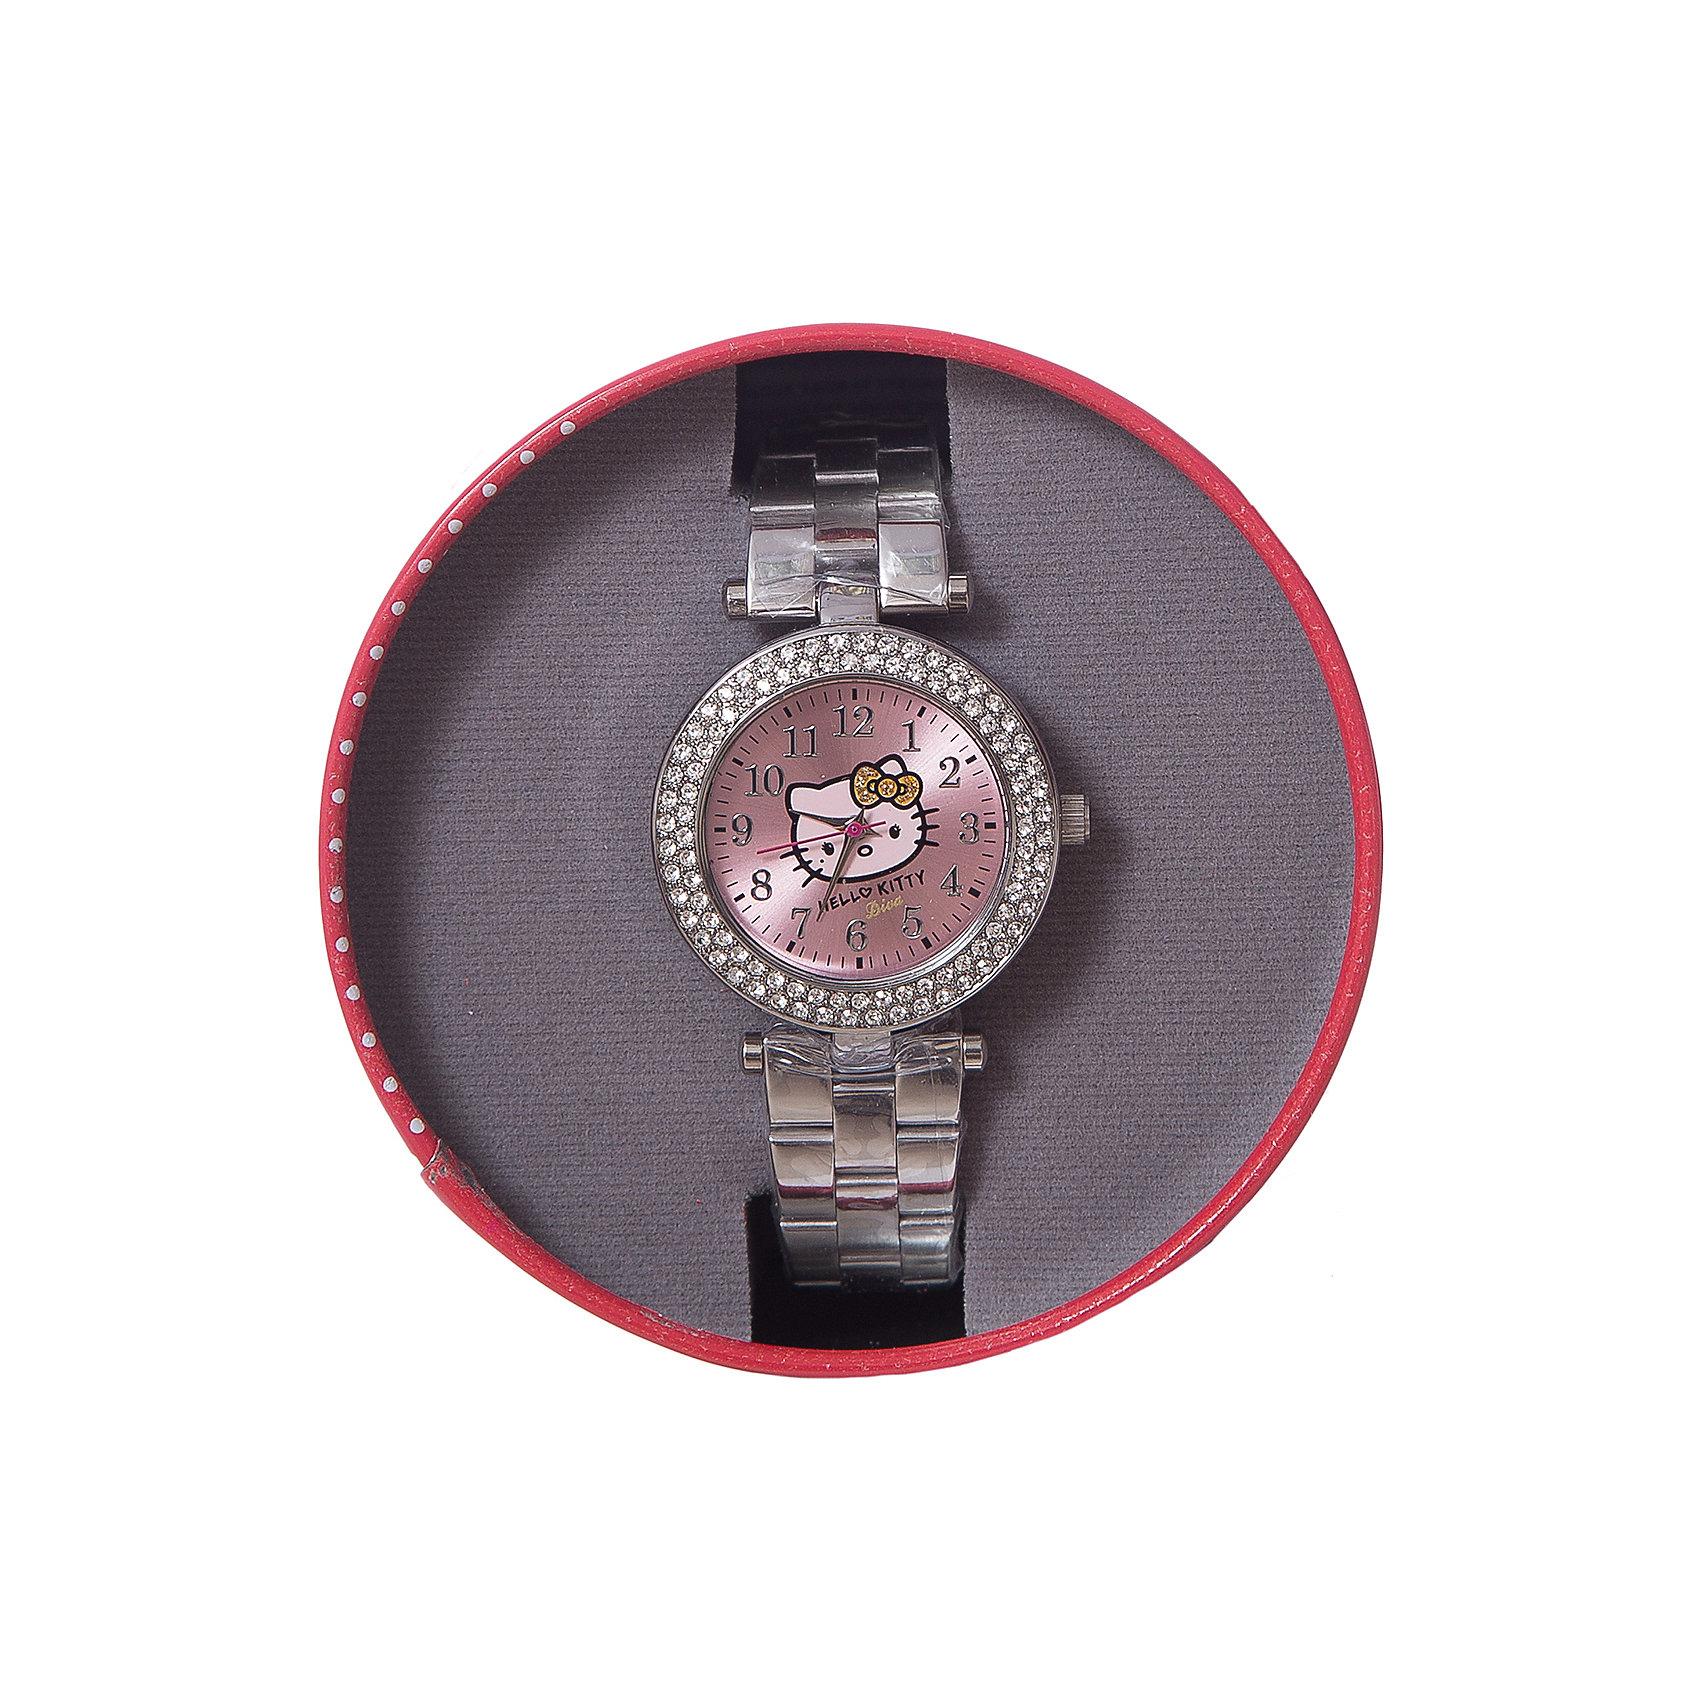 Часы наручные аналоговые, Hello KittyHello Kitty<br>Эксклюзивные наручные аналоговые часы торговой марки Hello Kitty выполнены по индивидуальному дизайну ООО «Детское Время» и лицензии компании Sanrio. Обилие деталей - декоративных элементов (страз, мерцающих ремешков), надписей,  уникальных изображений - делают изделие тщательно продуманным творением мастеров. Часы имеют высококачественный японский кварцевый механизм и отличаются надежностью и точностью хода. Часы водоустойчивы и обладают достаточной герметичностью, чтобы спокойно перенести случайный и незначительный контакт с жидкостями (дождь, брызги), но они не предназначены для плавания или погружения в воду. Циферблат защищен от повреждений прочным минеральным стеклом. Корпус часов выполнен из стали,  задняя крышка из нержавеющей стали. Браслет часов металлический. Металлические ремешки отличаются прочностью и долговечностью. Единица товара упаковывается в стильную подарочную коробочку. Неповторимый стиль с изобилием насыщенных и в тоже время нежных гамм; надежность и прочность изделия позволяют говорить о нем только в превосходной степени!Размеры изделия: 1,5х0,5х12 (ДШВ), диаметр циф-та - 3,3 см, ширина – 0,9 см.<br><br>Ширина мм: 35<br>Глубина мм: 20<br>Высота мм: 140<br>Вес г: 75<br>Возраст от месяцев: 36<br>Возраст до месяцев: 72<br>Пол: Женский<br>Возраст: Детский<br>SKU: 5529323